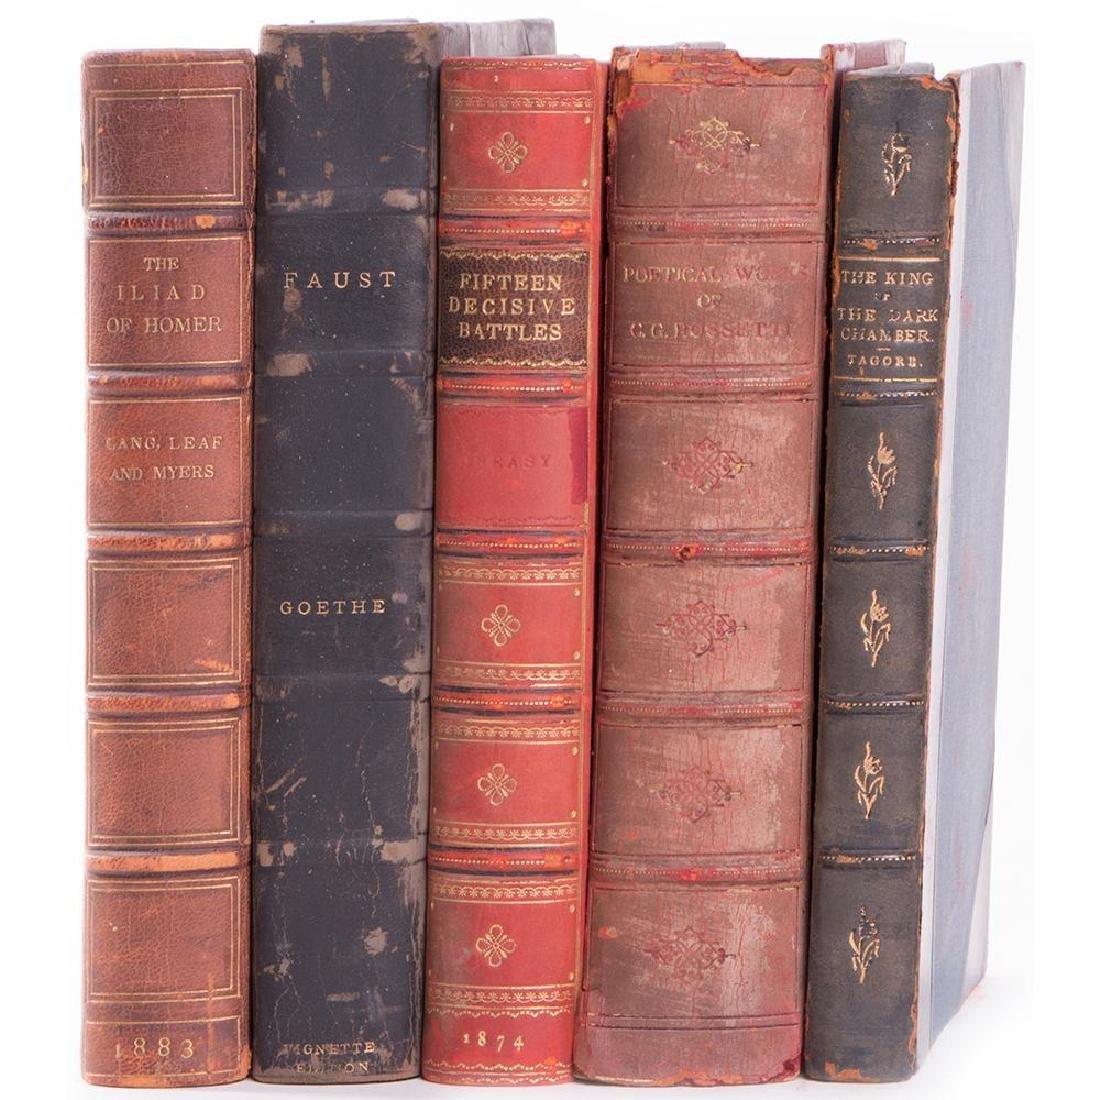 Five various works: Illiad; Faust, 15 Decisive Battles